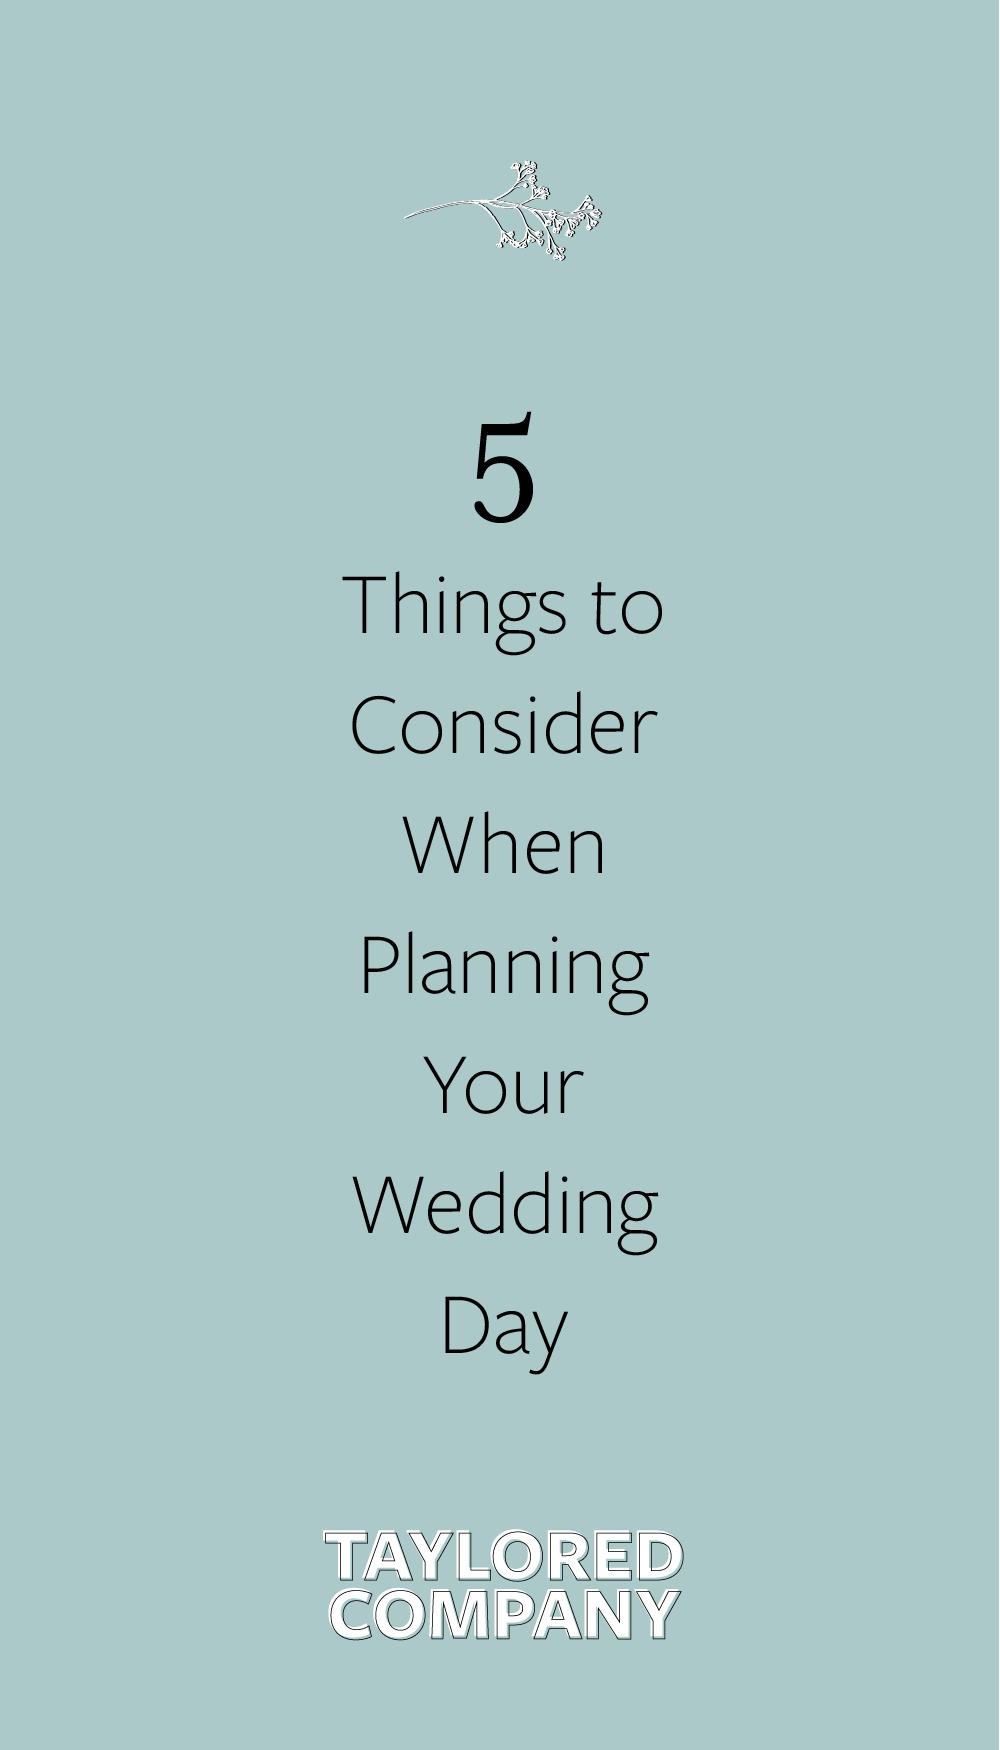 Wedding Timeline Planning Tips